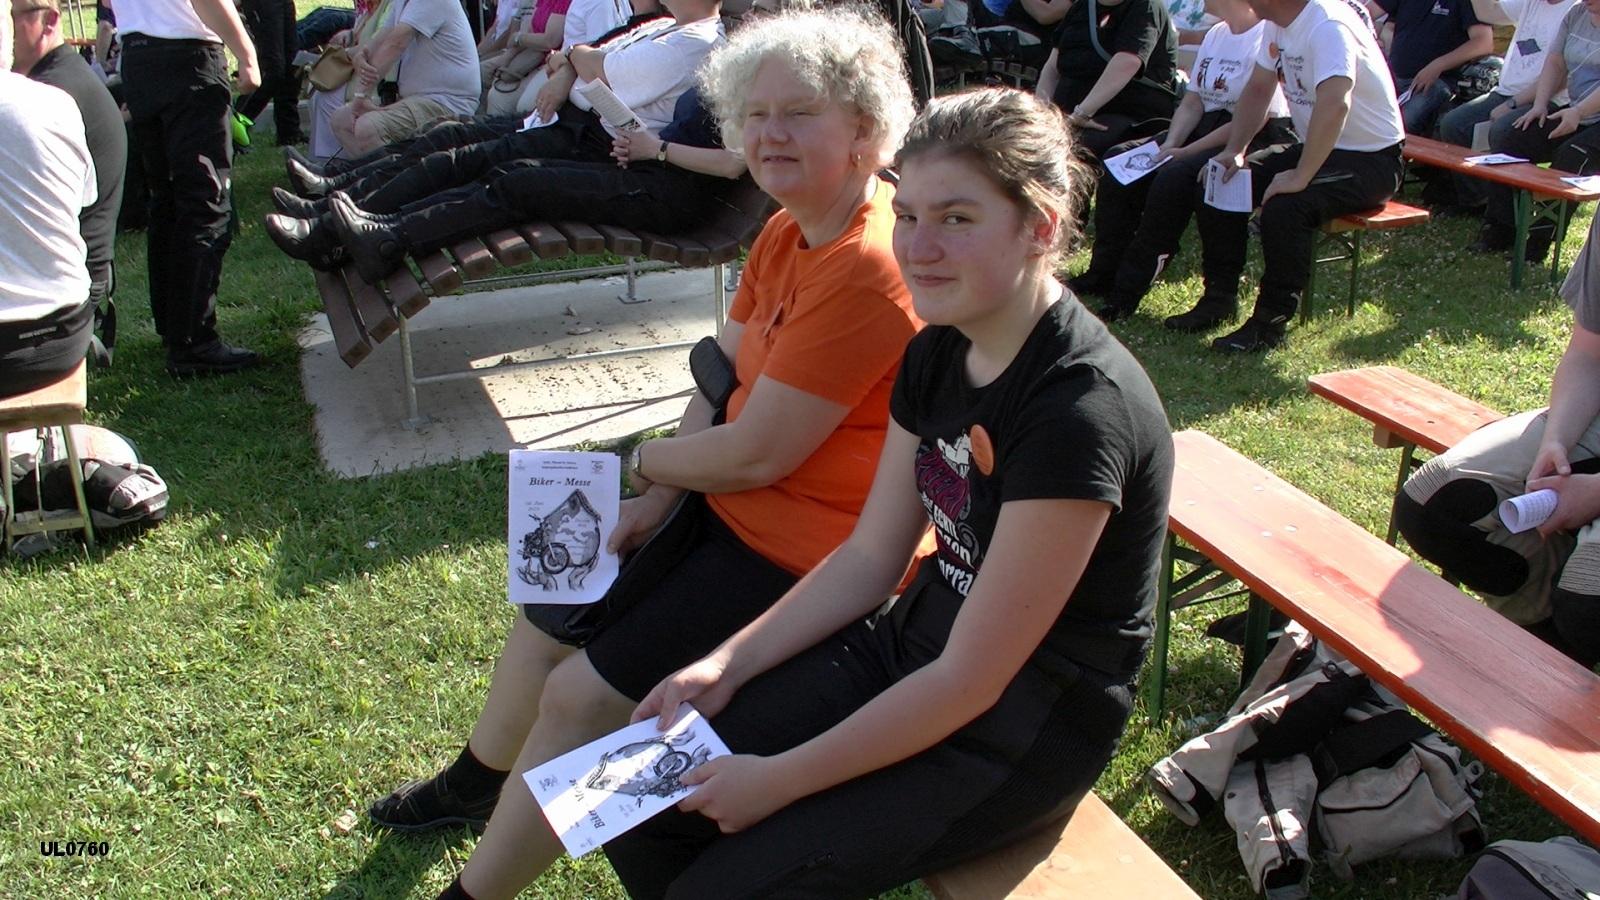 Iris aus Herdecke (rechts) war nicht nur Teilnehmerin des Kolping-Bikertreffens, sondern hat auch das Deckblatt des Liedheftes zur Biker-Messe gezeichnet